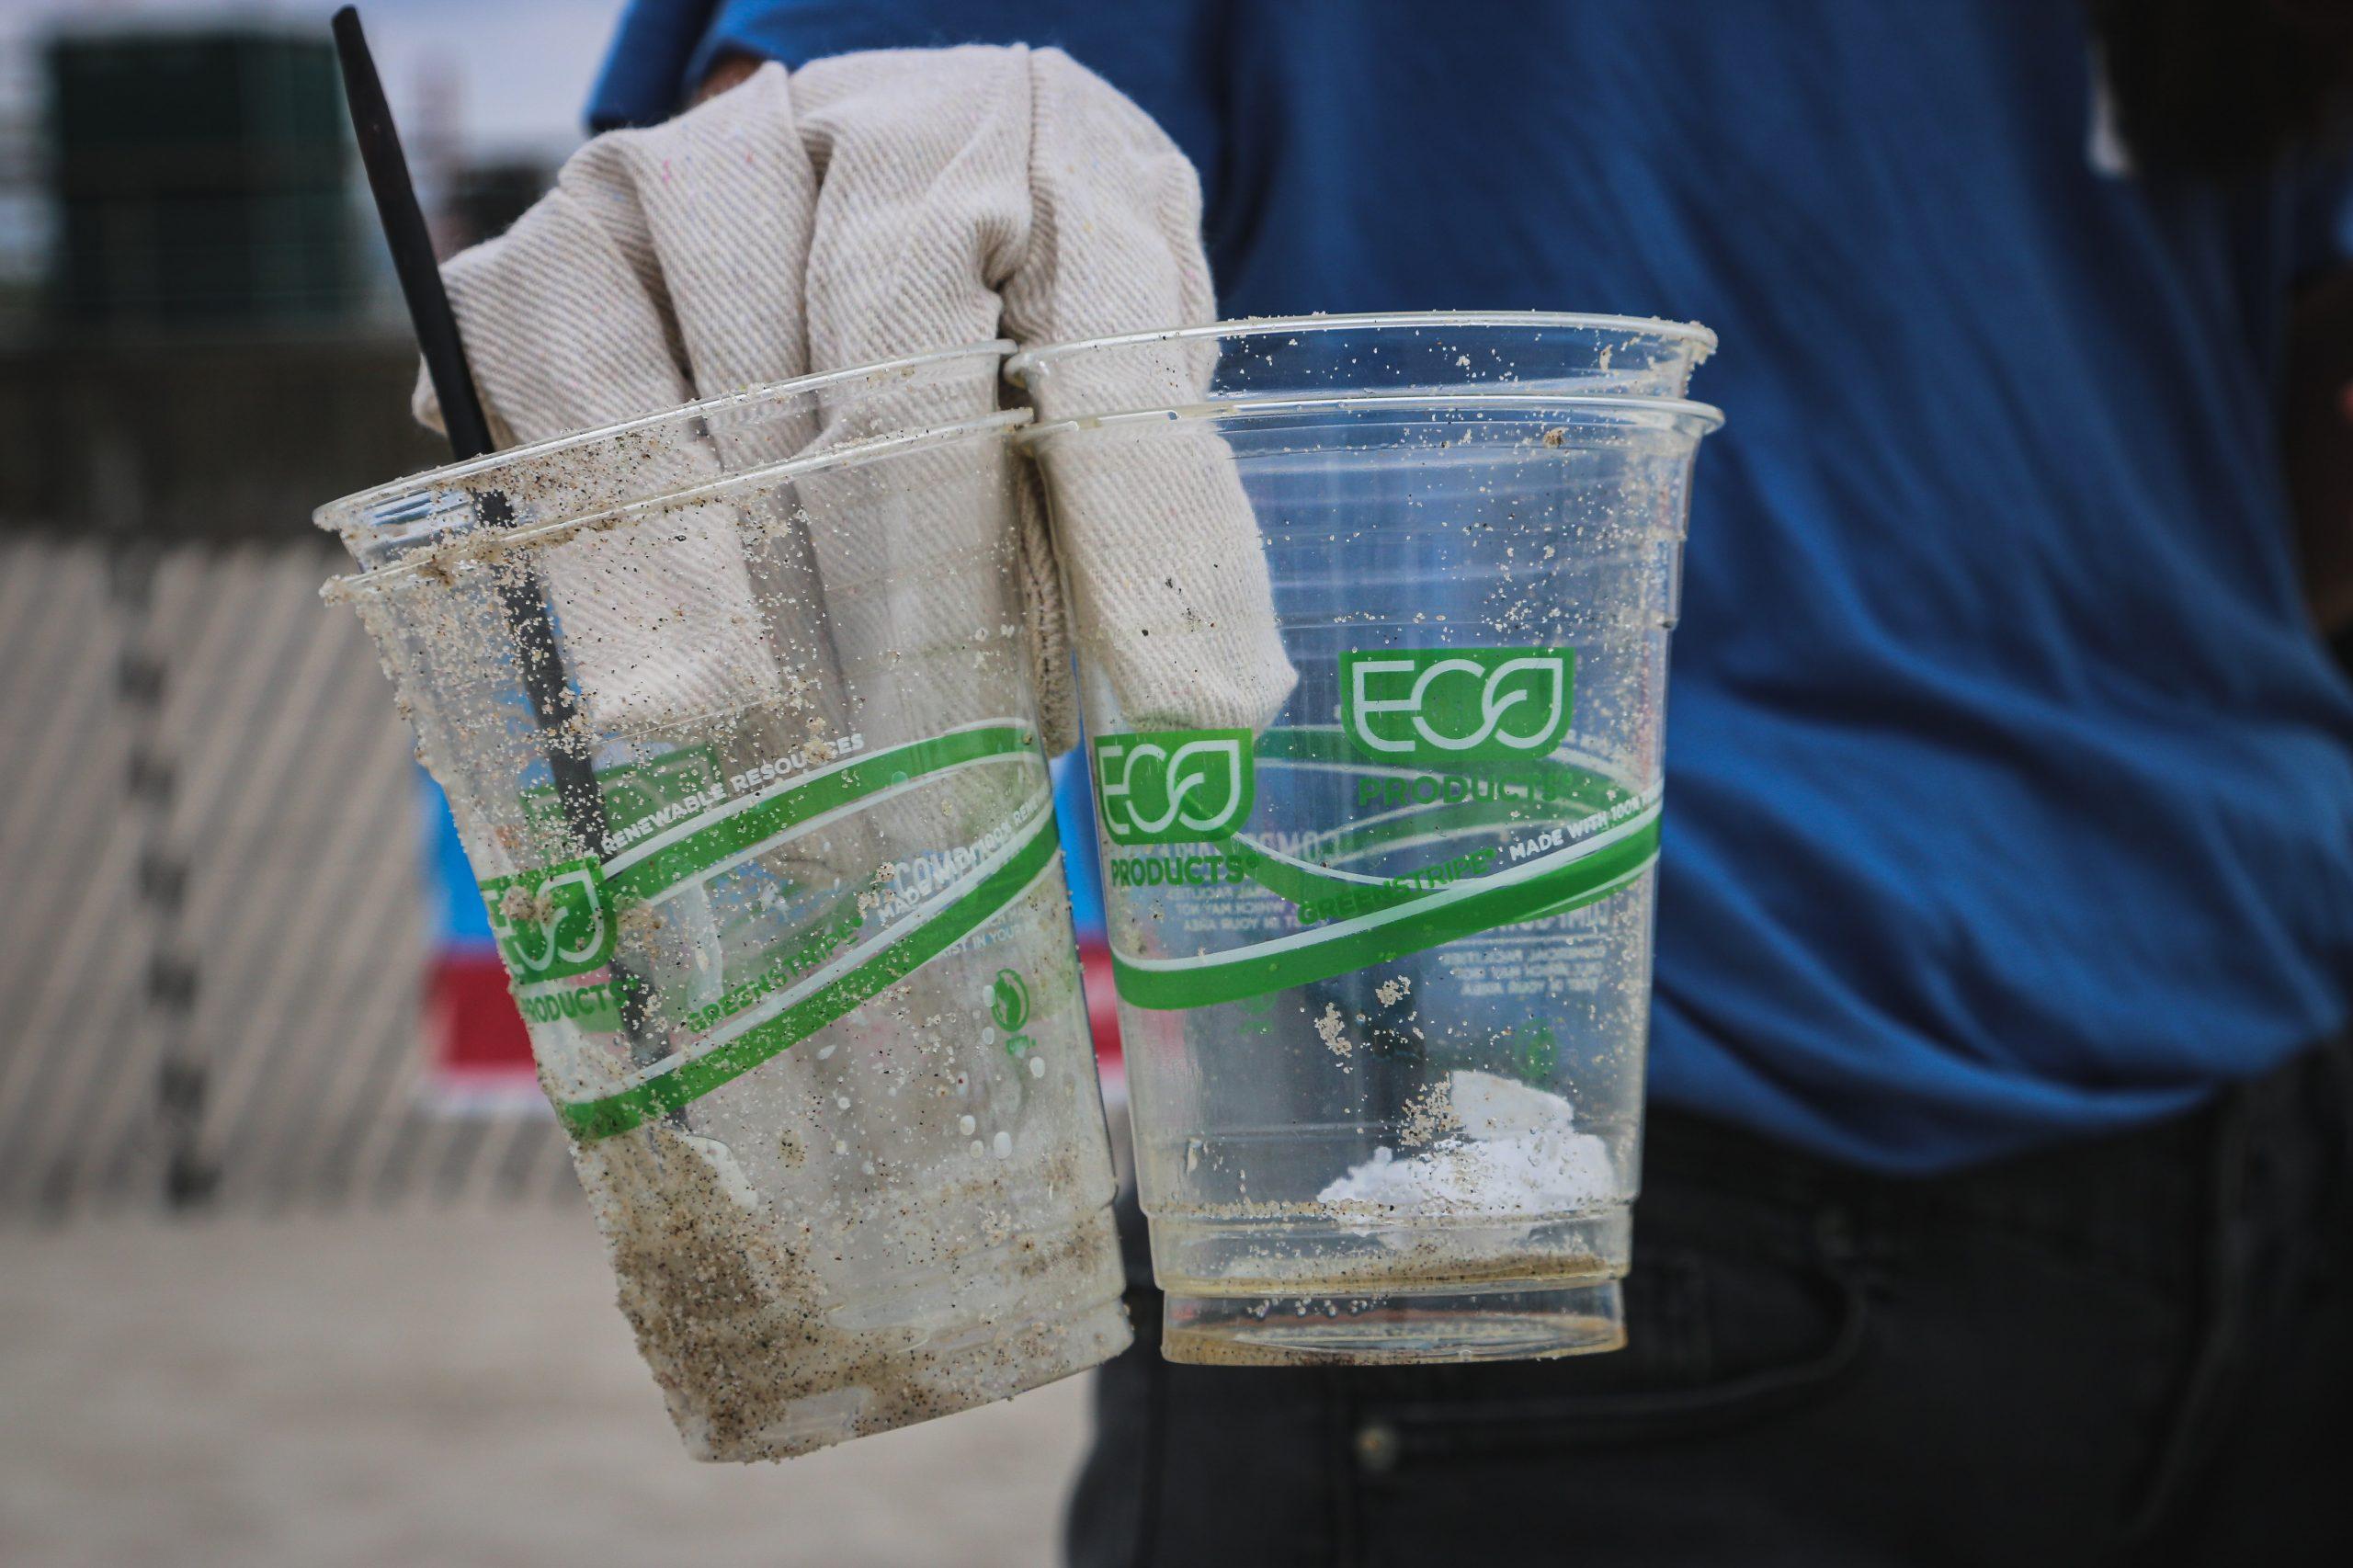 """Fotografia de uma mão, com luvas de coleta de lixo, segurando dois copos plásticos cobertos de areia da praia. Nos copos, lê-se """"eco"""" e há grafismos verdes que remetem à sustentabilidade."""